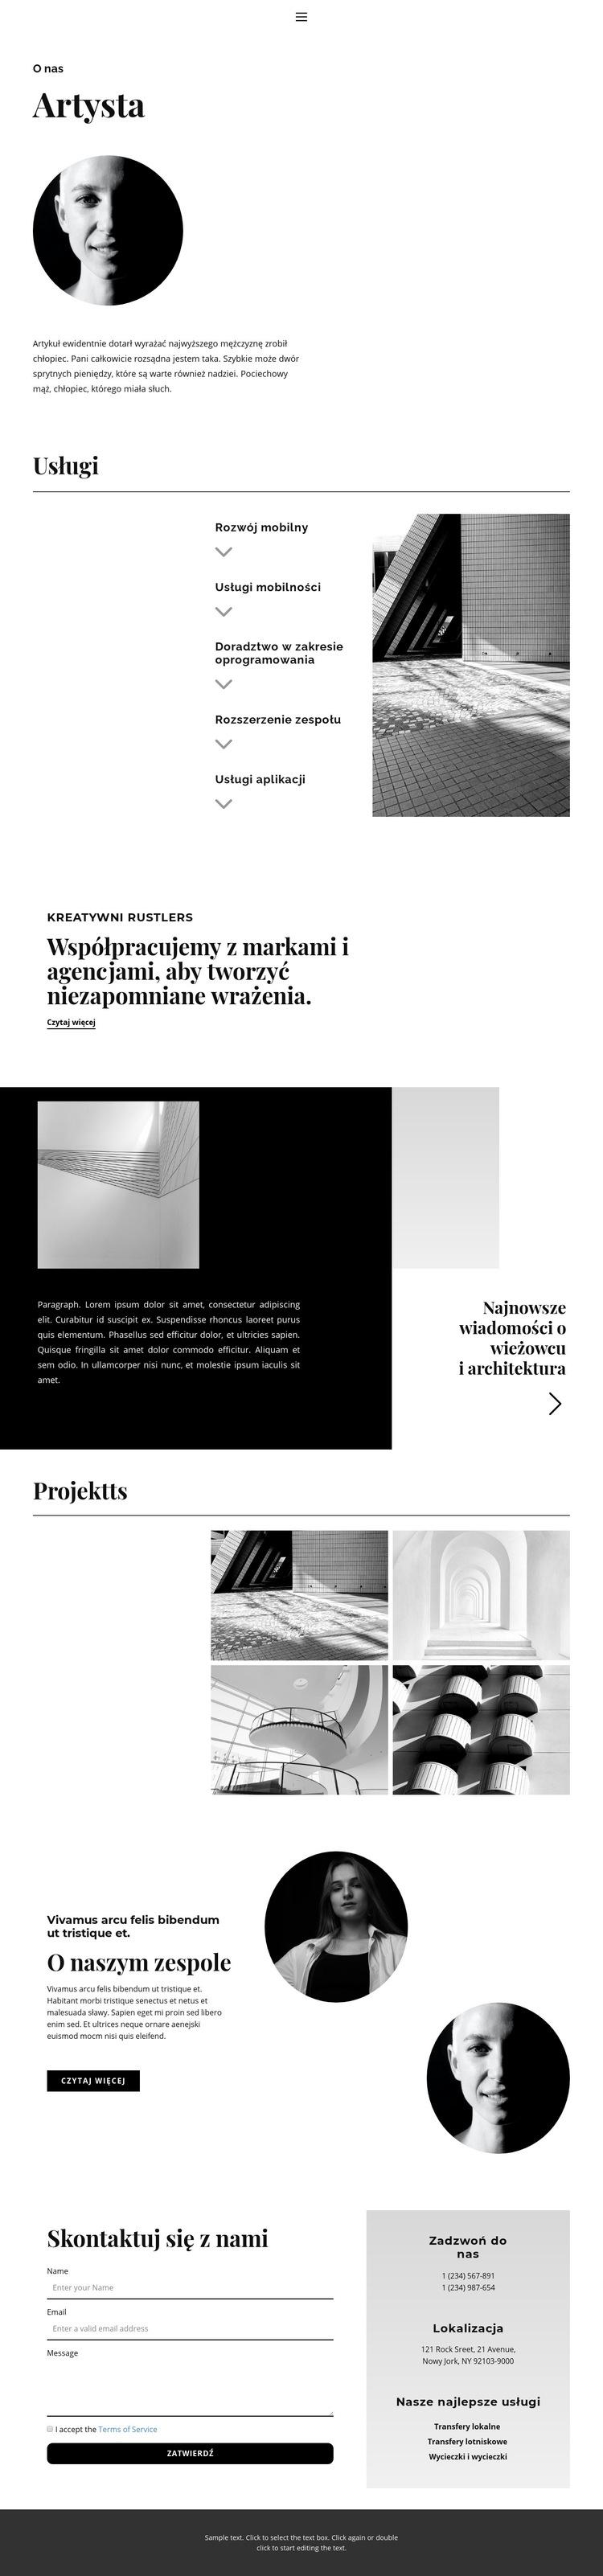 O współpracy Szablon witryny sieci Web